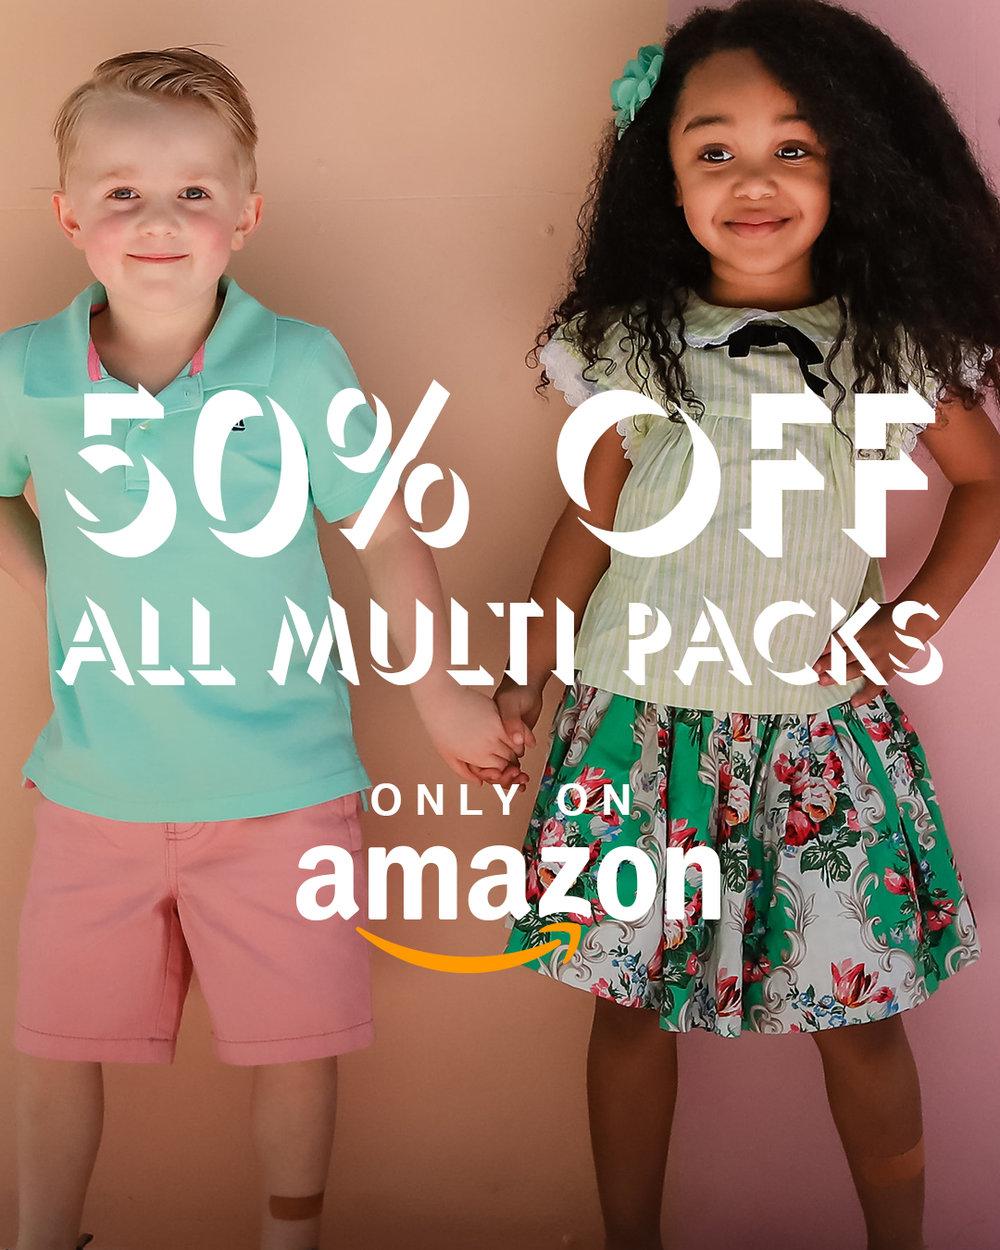 50% All Multi Packs.jpg